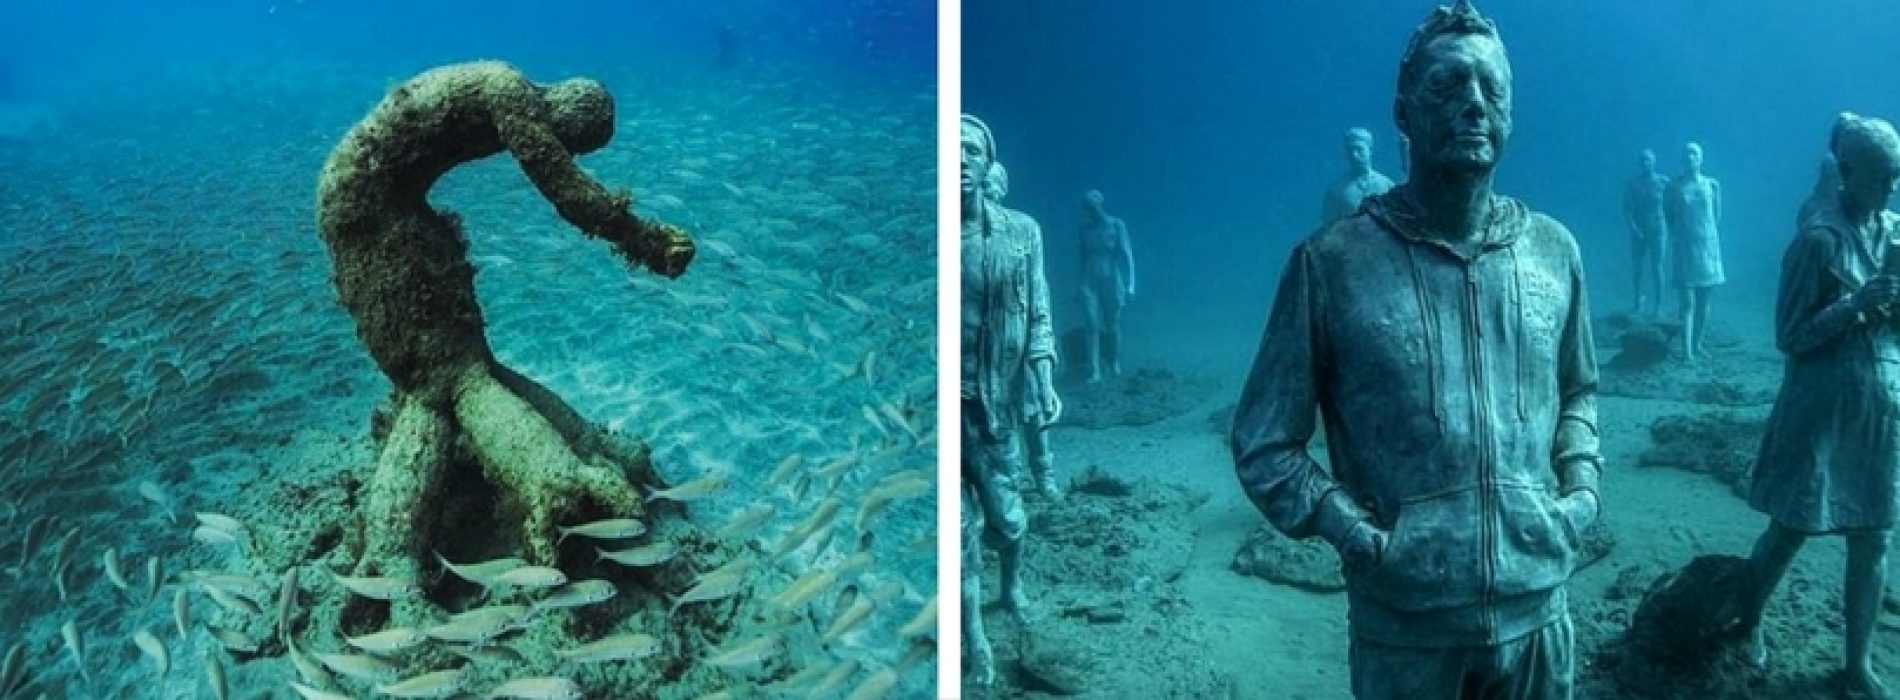 Atlántico, un museo bajo el mar